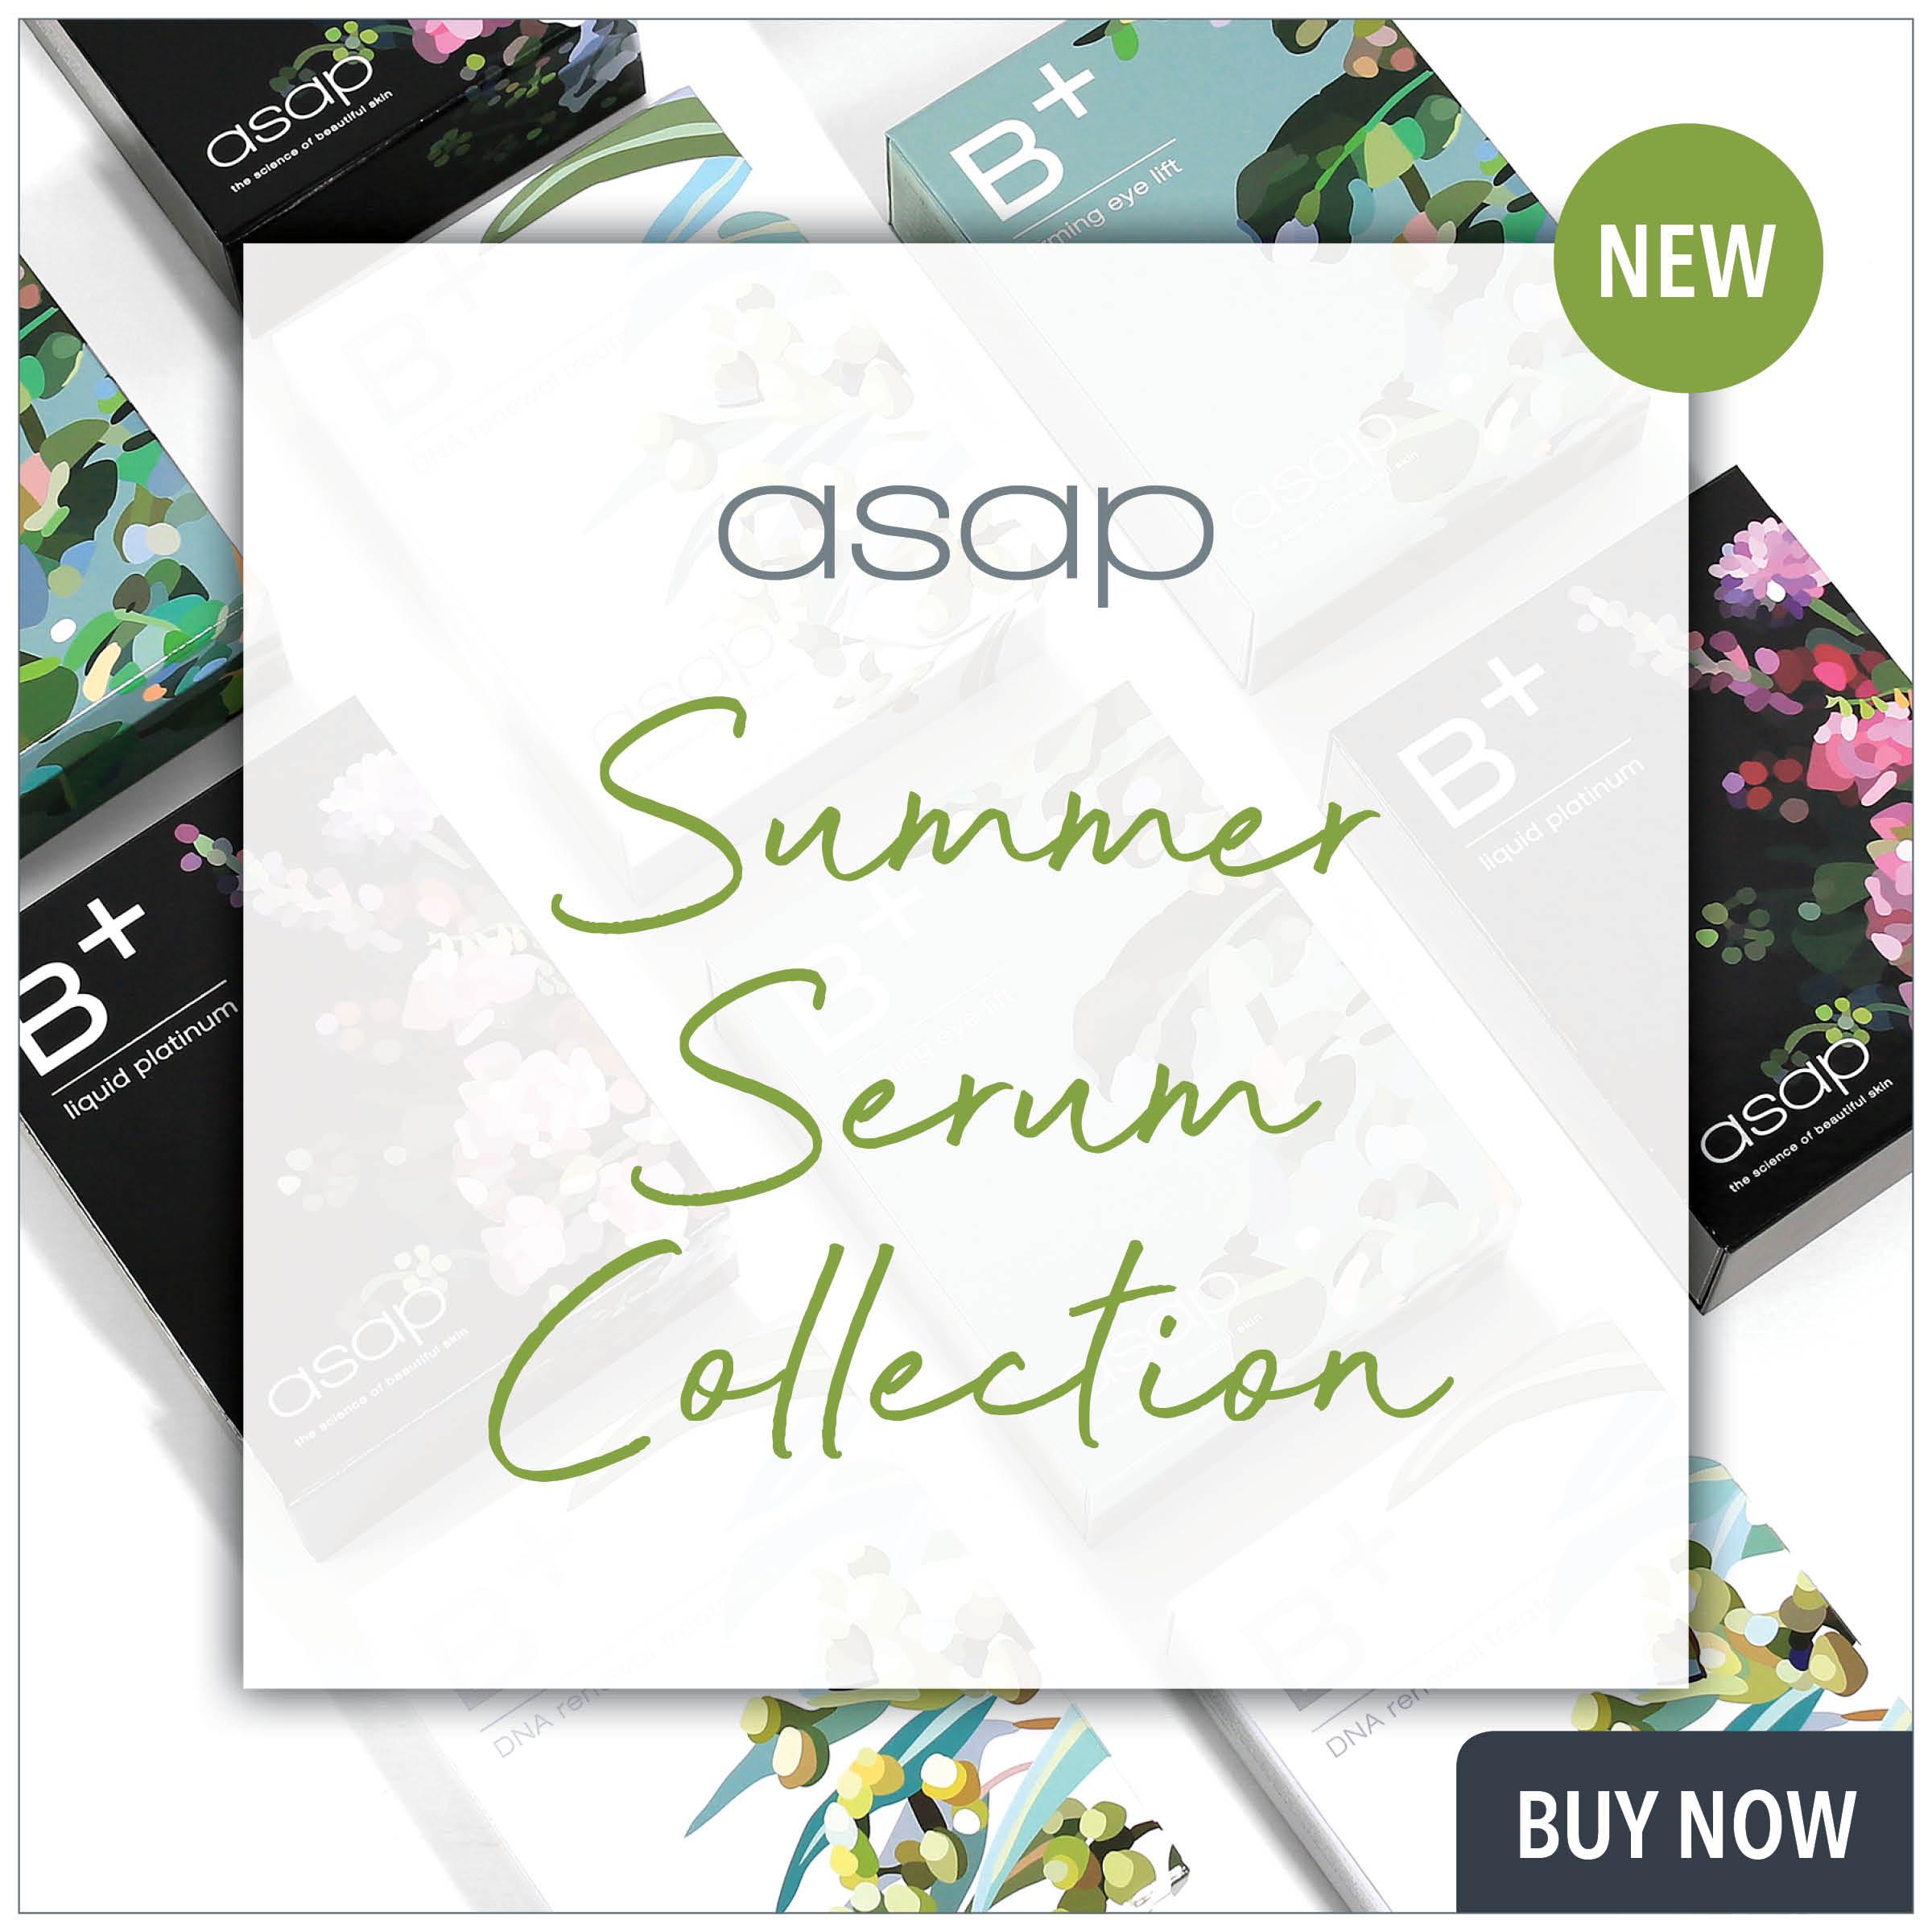 asap summer serums from prodermal